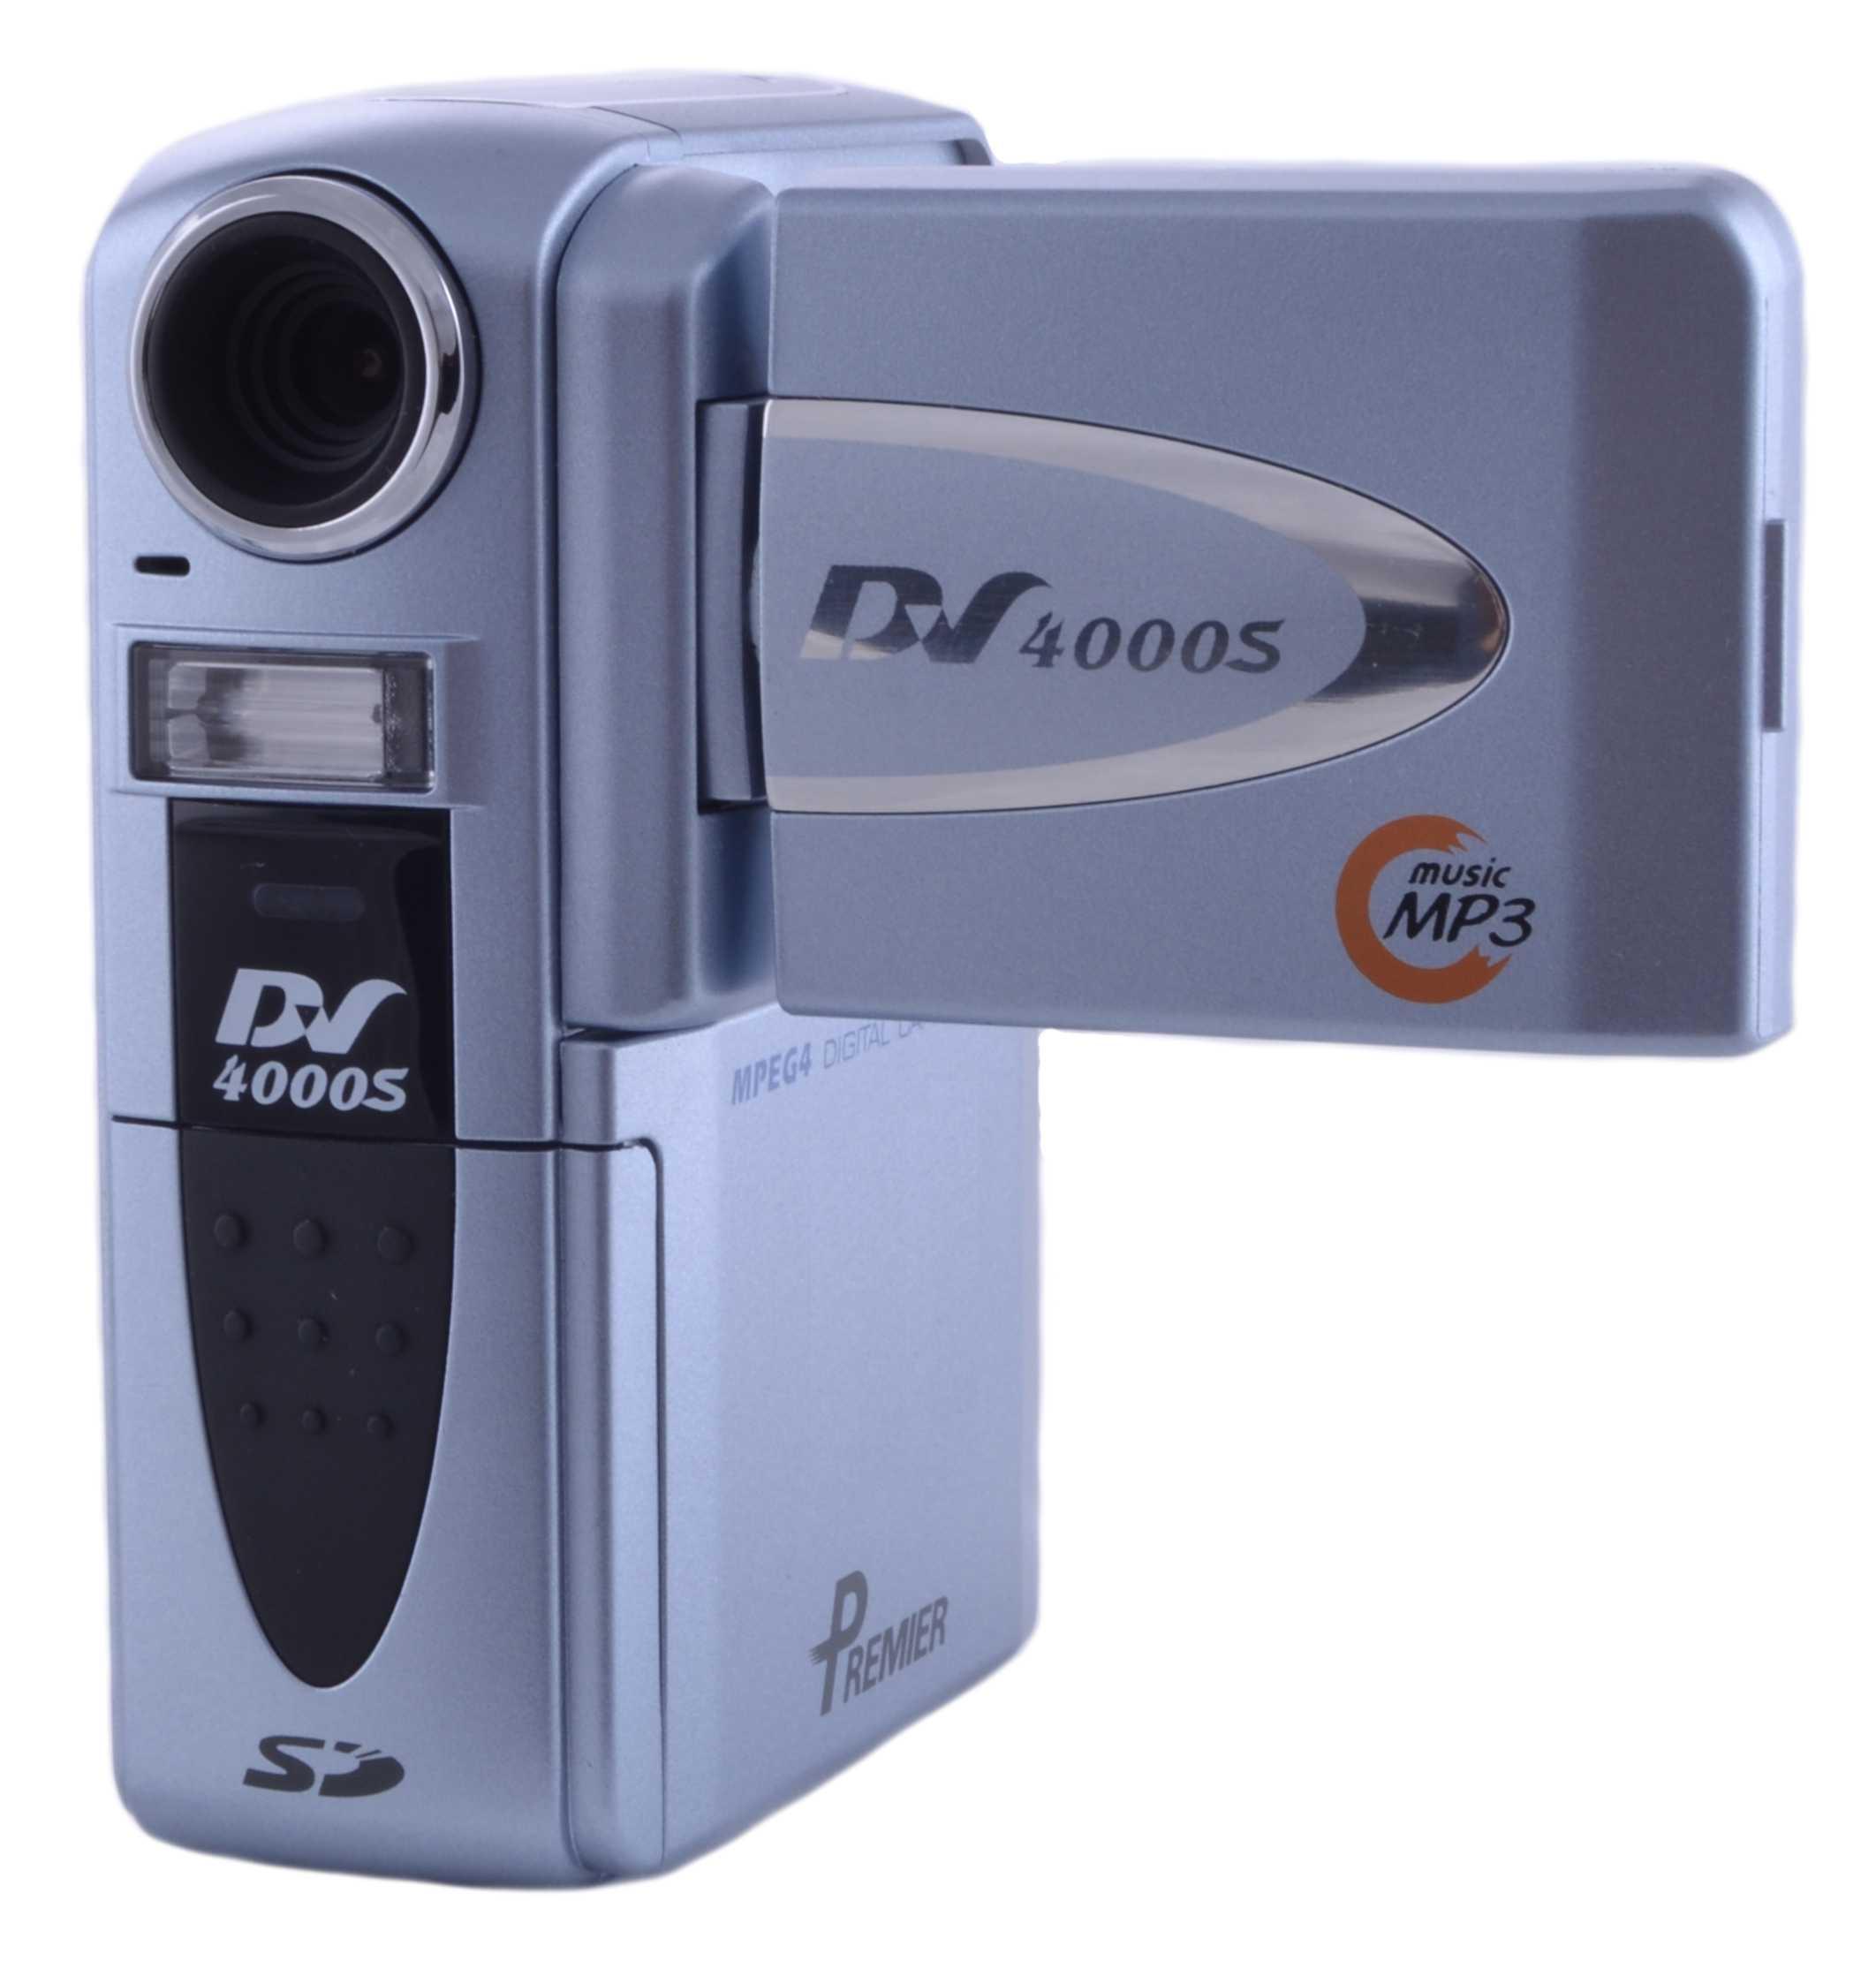 Dv 4000S Dijital Video Kamera